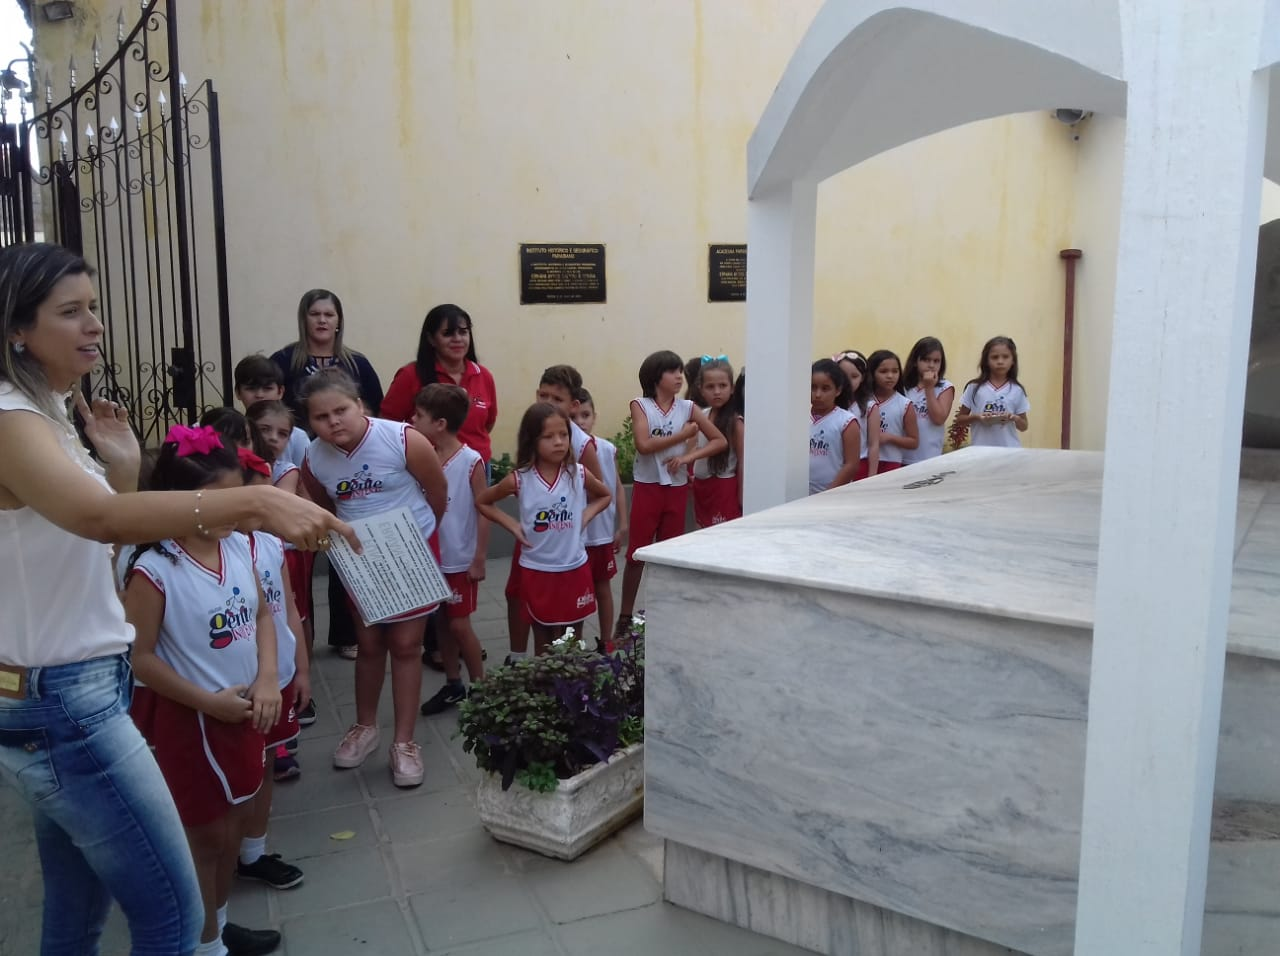 Visita Guiada da Escola Gente Inocente em 01 de Novembro de 2018.